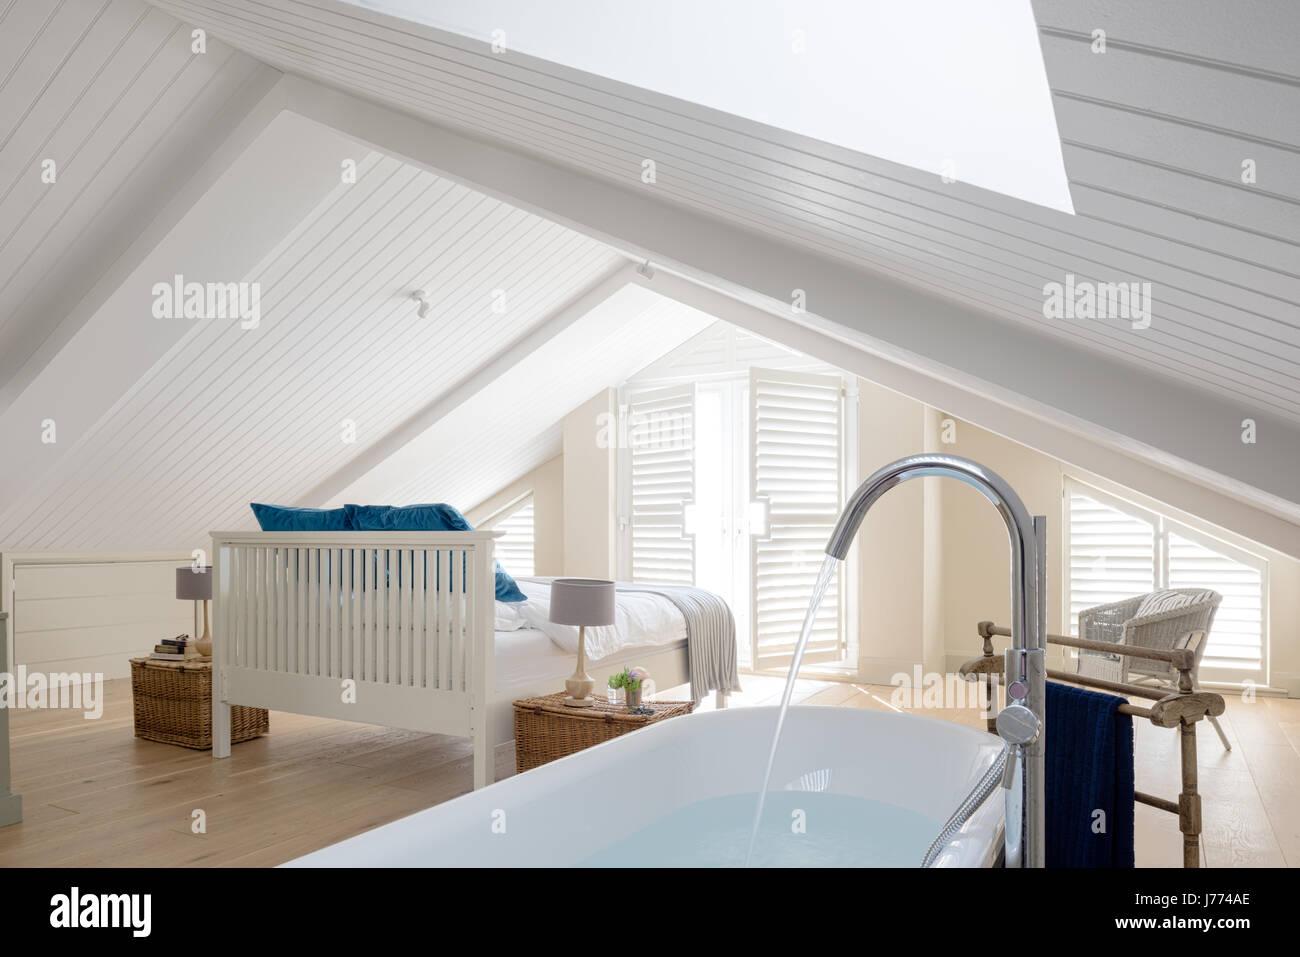 Freistehende Badewanne im Obergeschoss Schlafzimmer mit schrillen ...